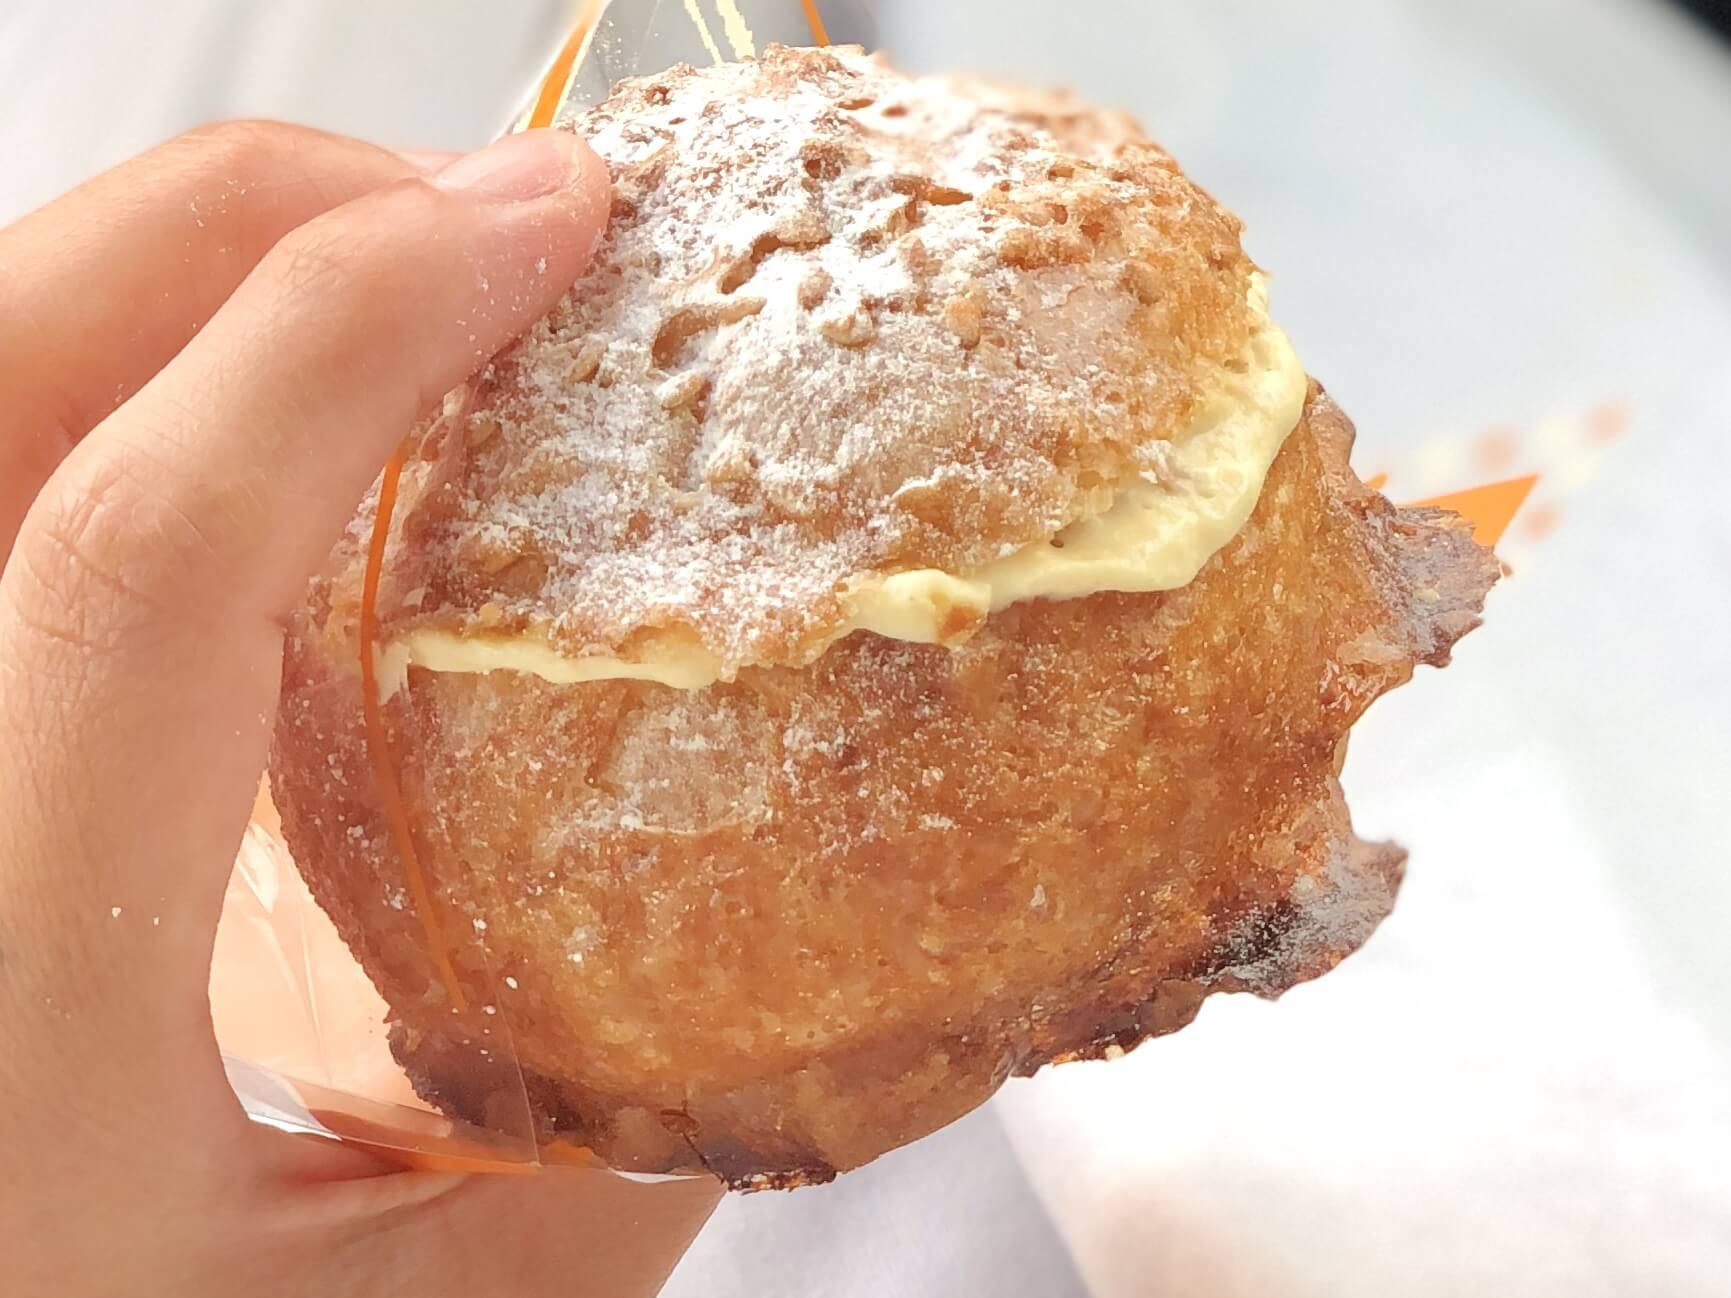 【(有)よしのや菓舗】パリパリシュークリームにコーヒープリン…どれも絶品すぎる《菊池市栄町》